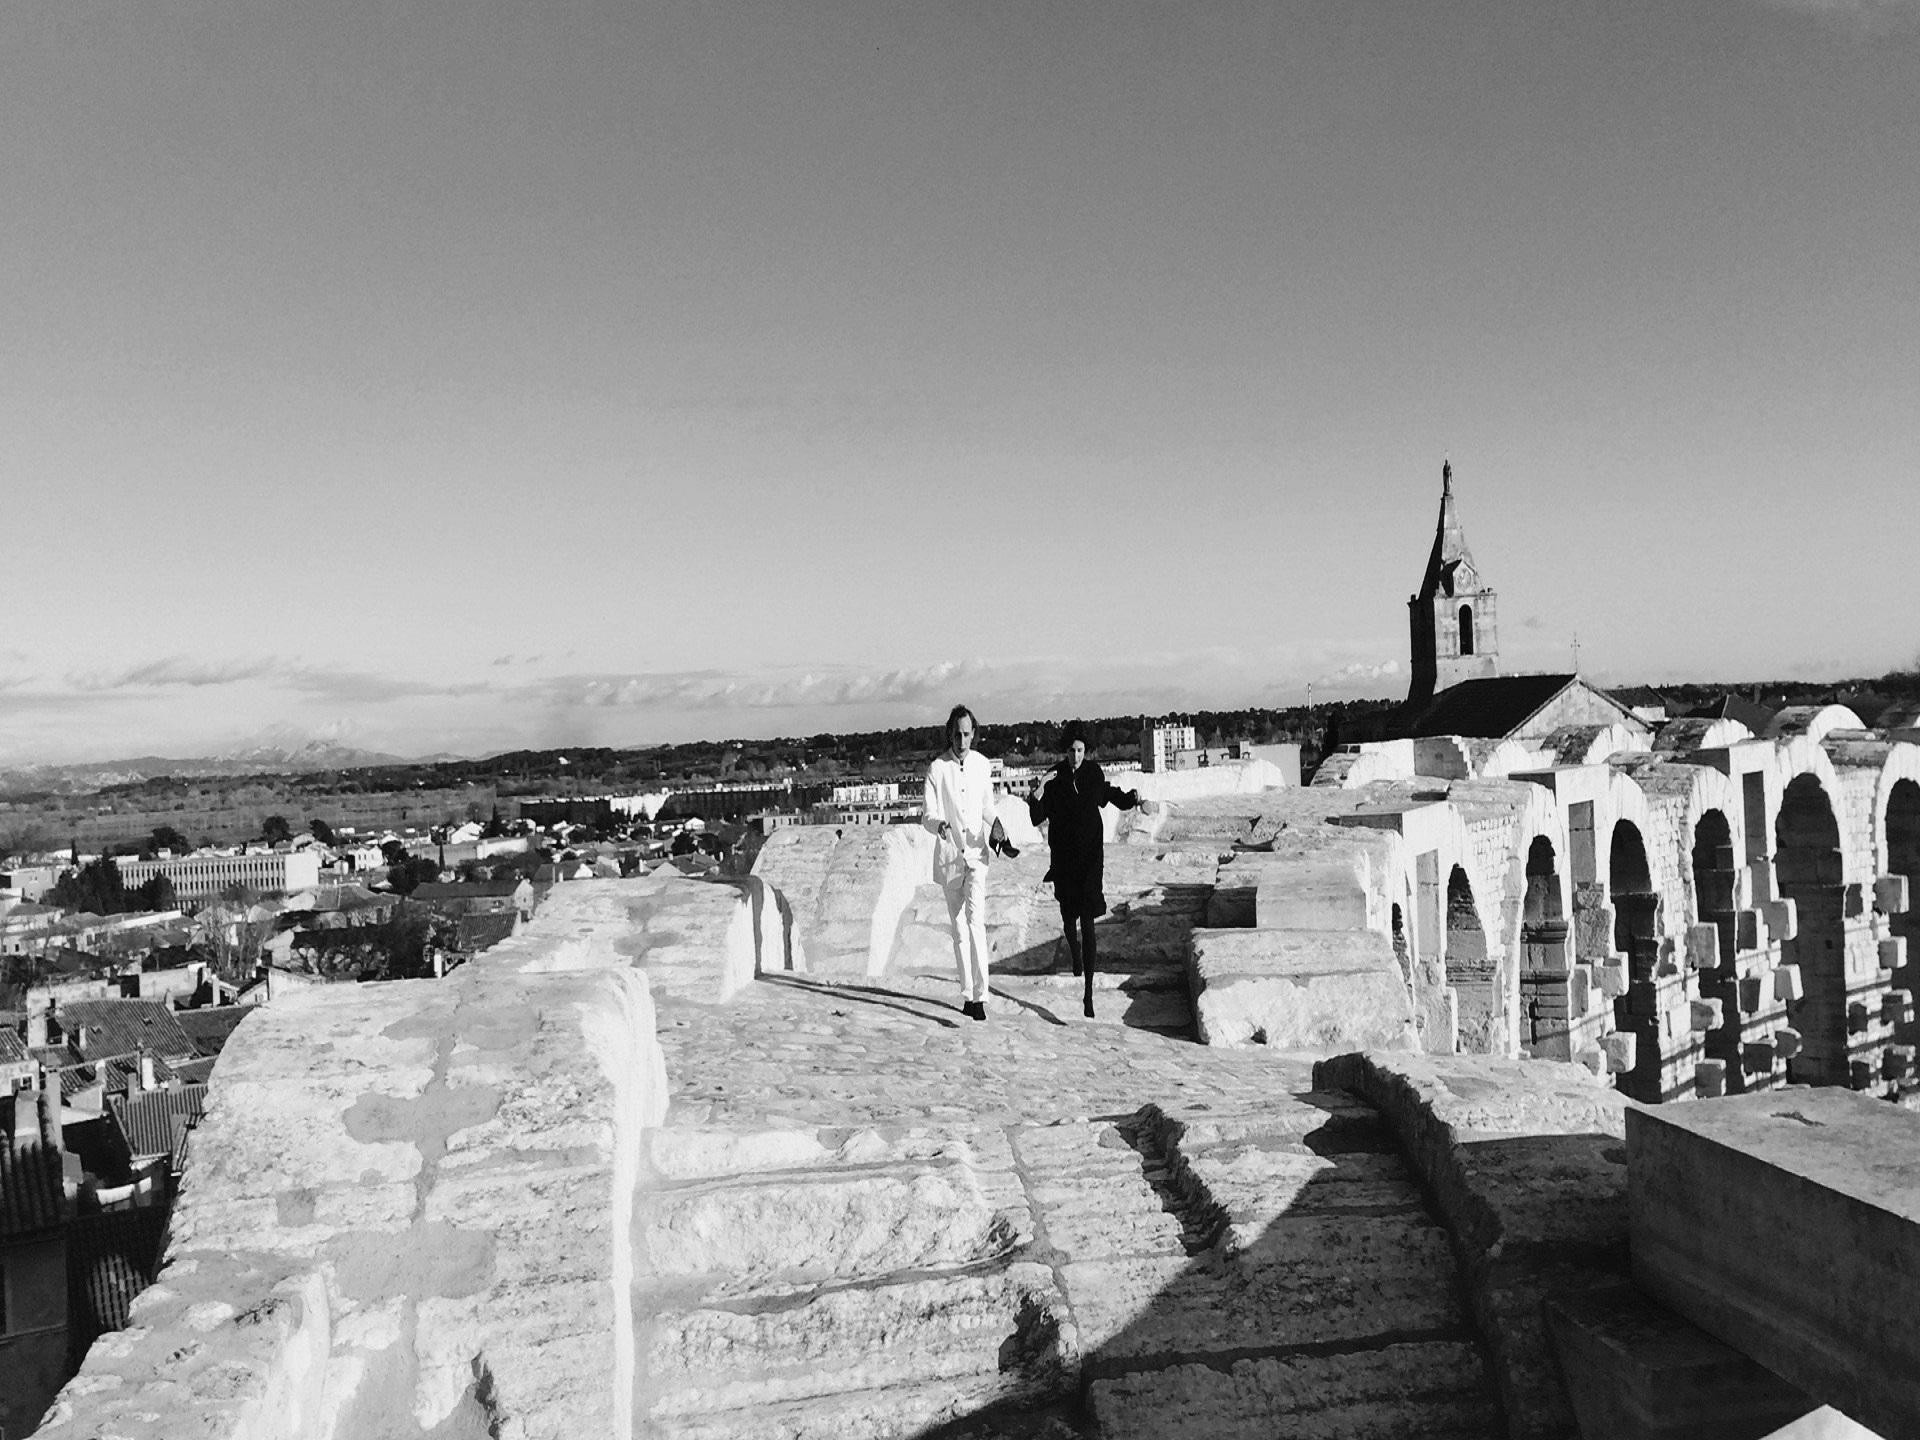 Une balade mélancolique et poétique à la recherche du fantôme de Marguerite Duras